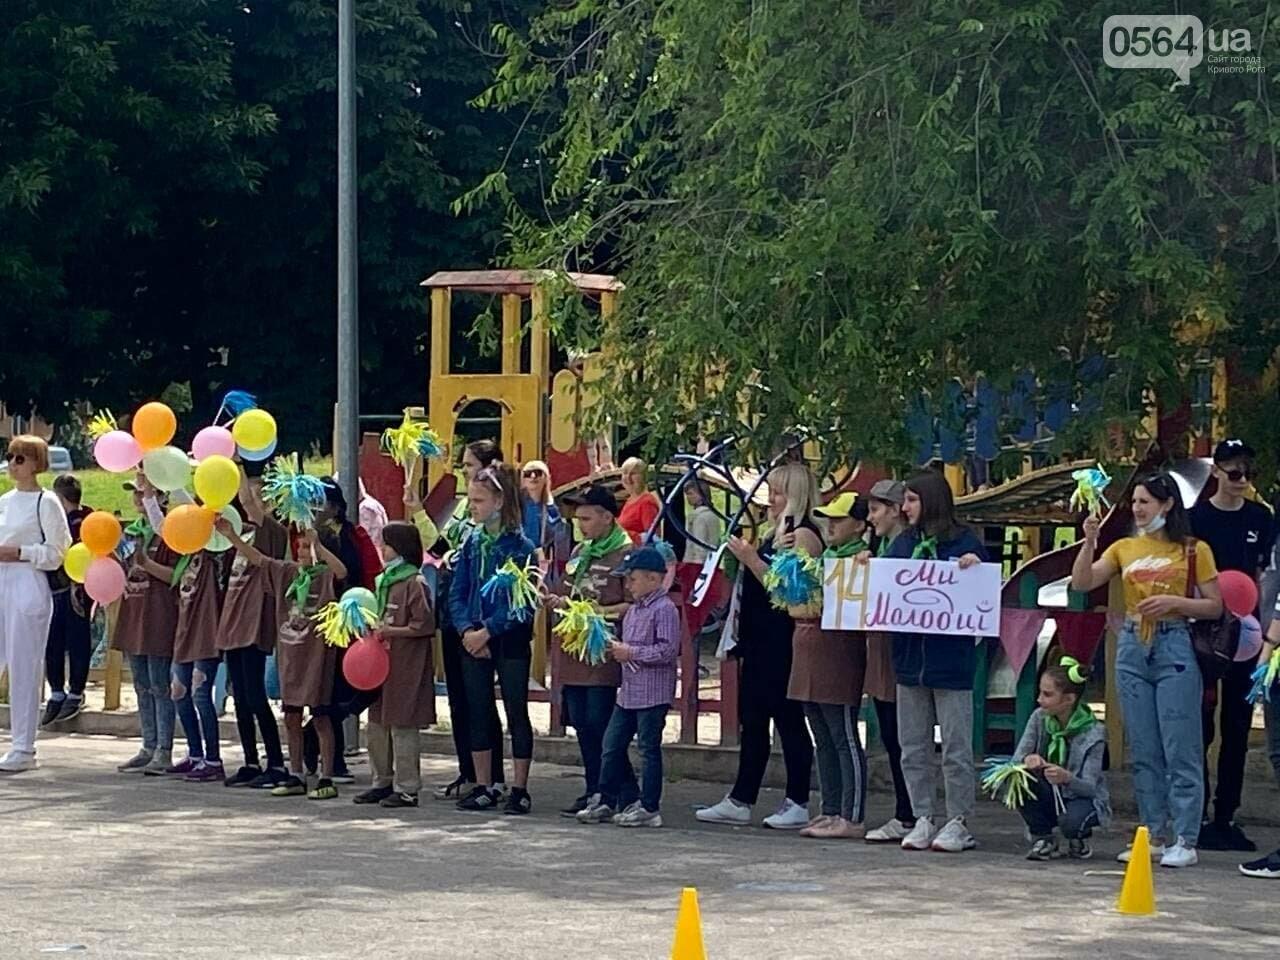 В Кривом Роге для детей провели спартакиаду, - ФОТО, ВИДЕО  , фото-50